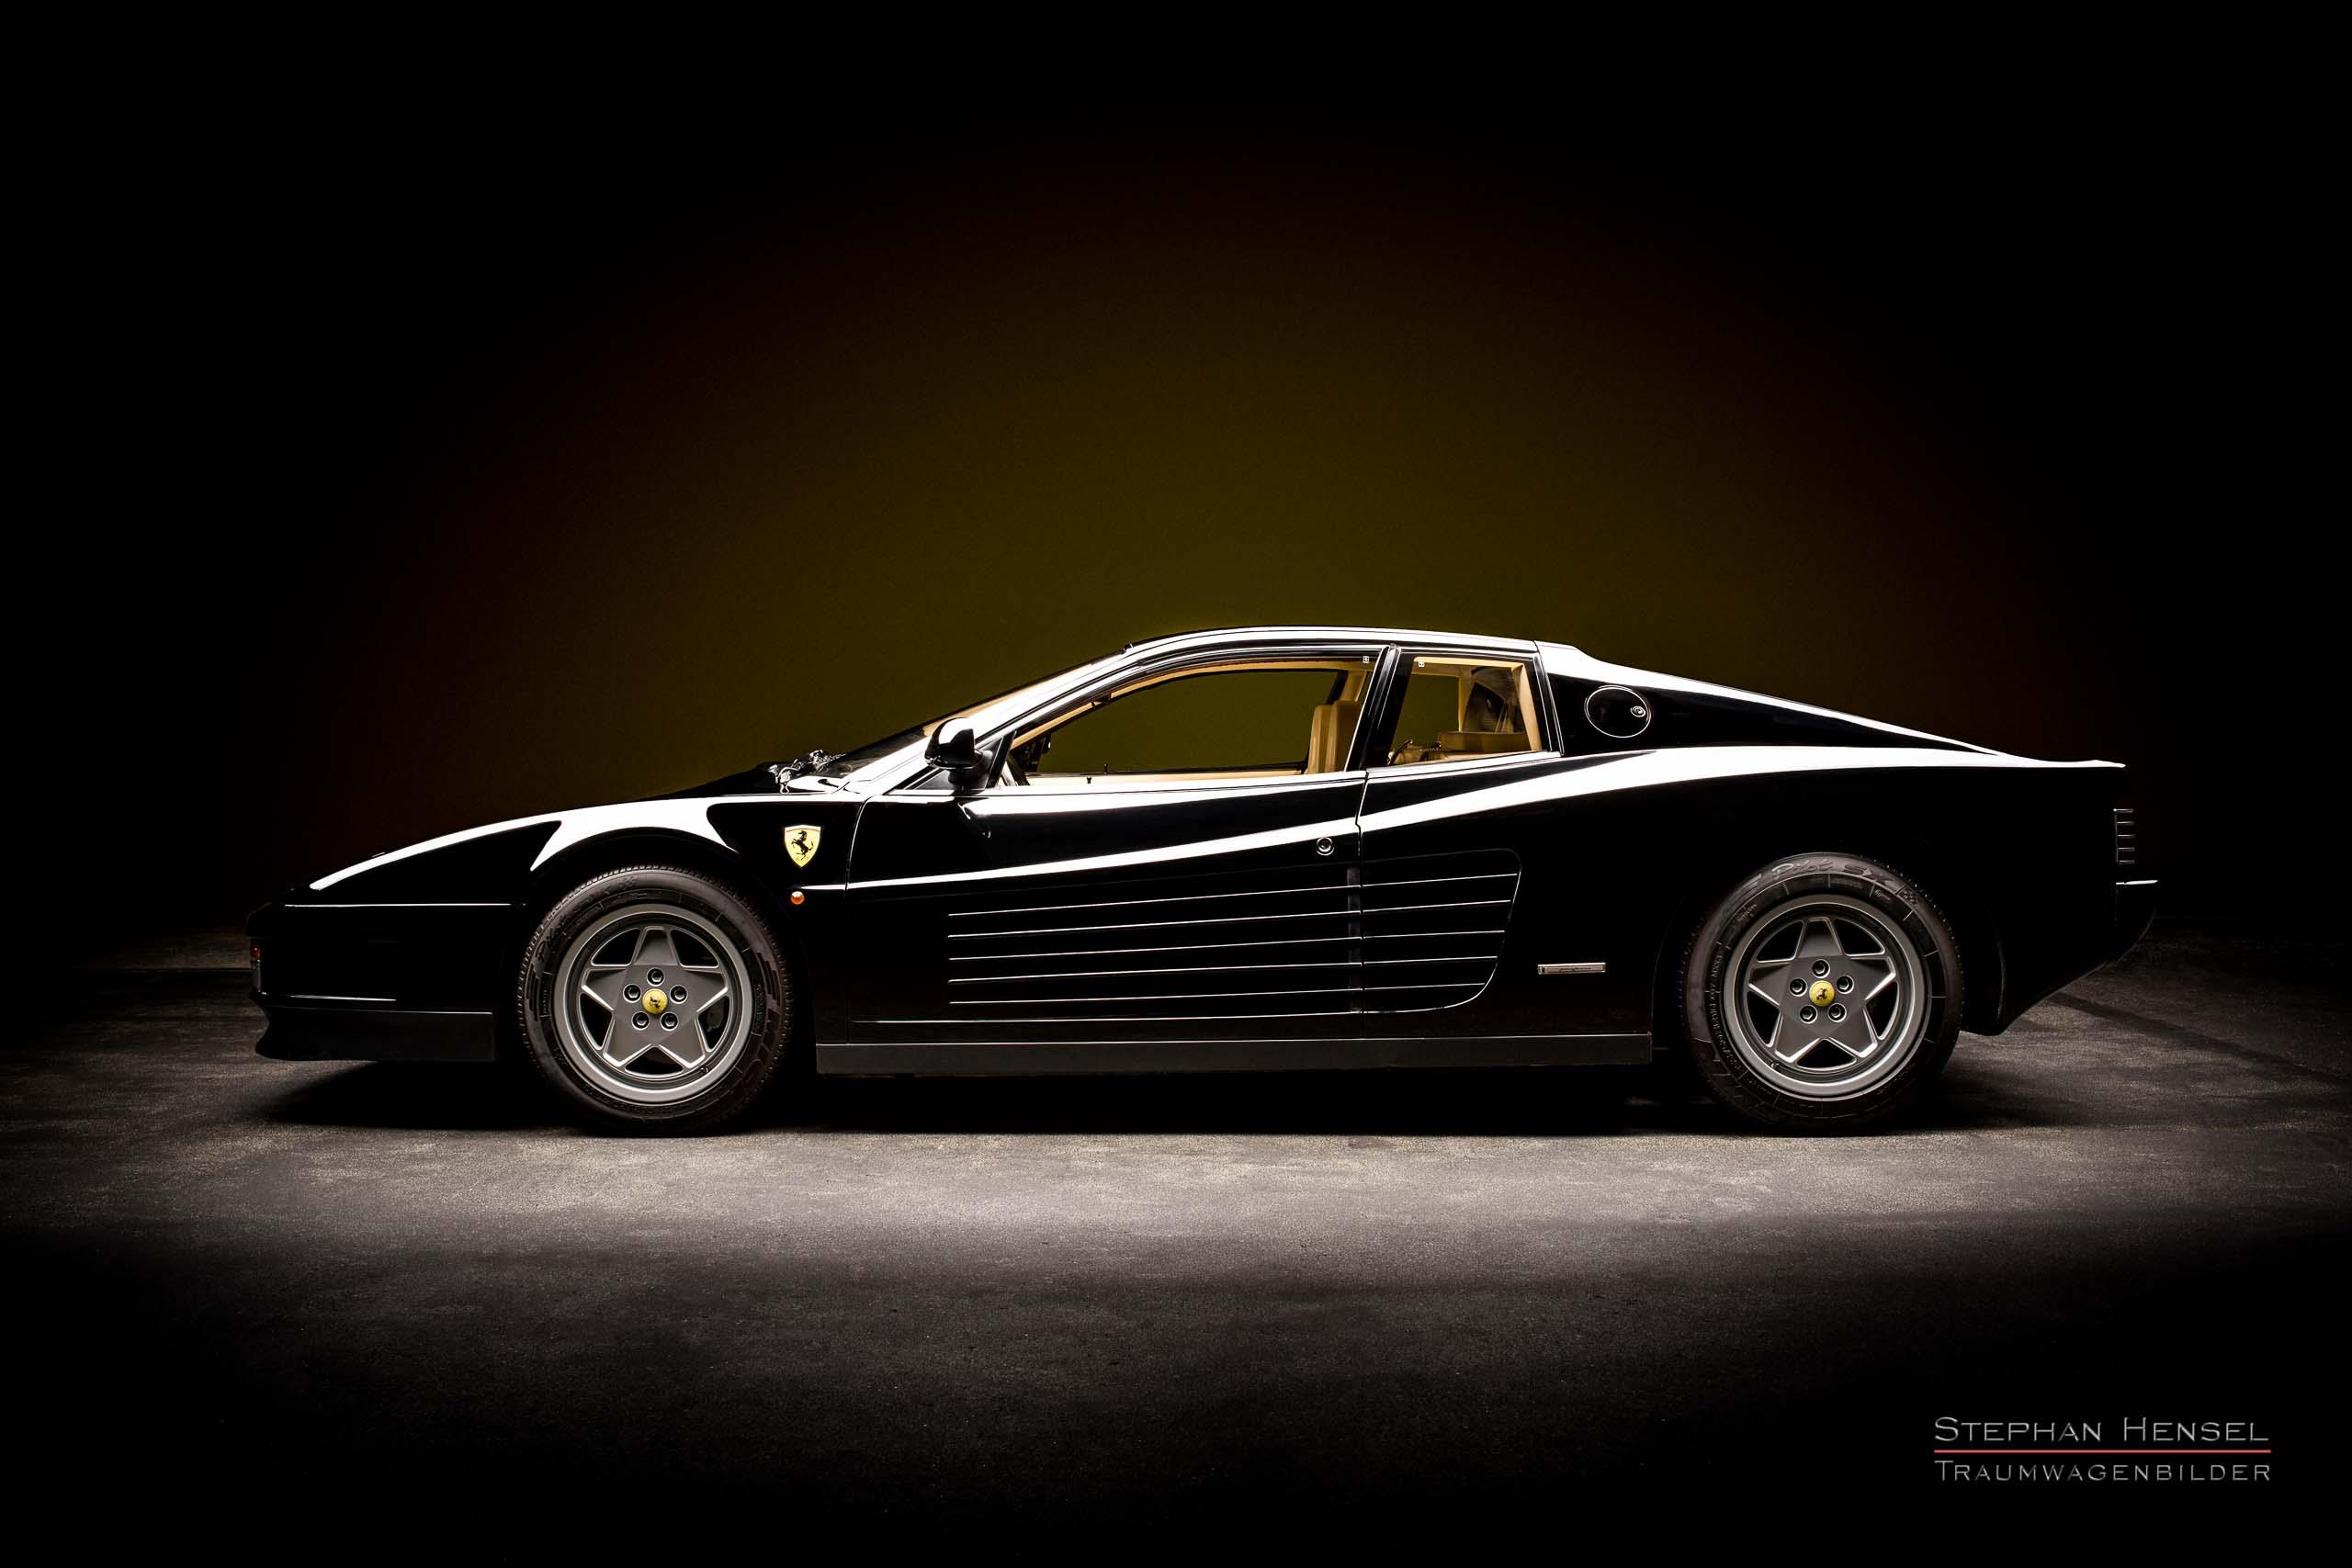 Ferrari Testarossa von 1989, Studioaufnahme von links. Autofotograf: Stephan Hensel, Hamburg, Rennwagenfotograf